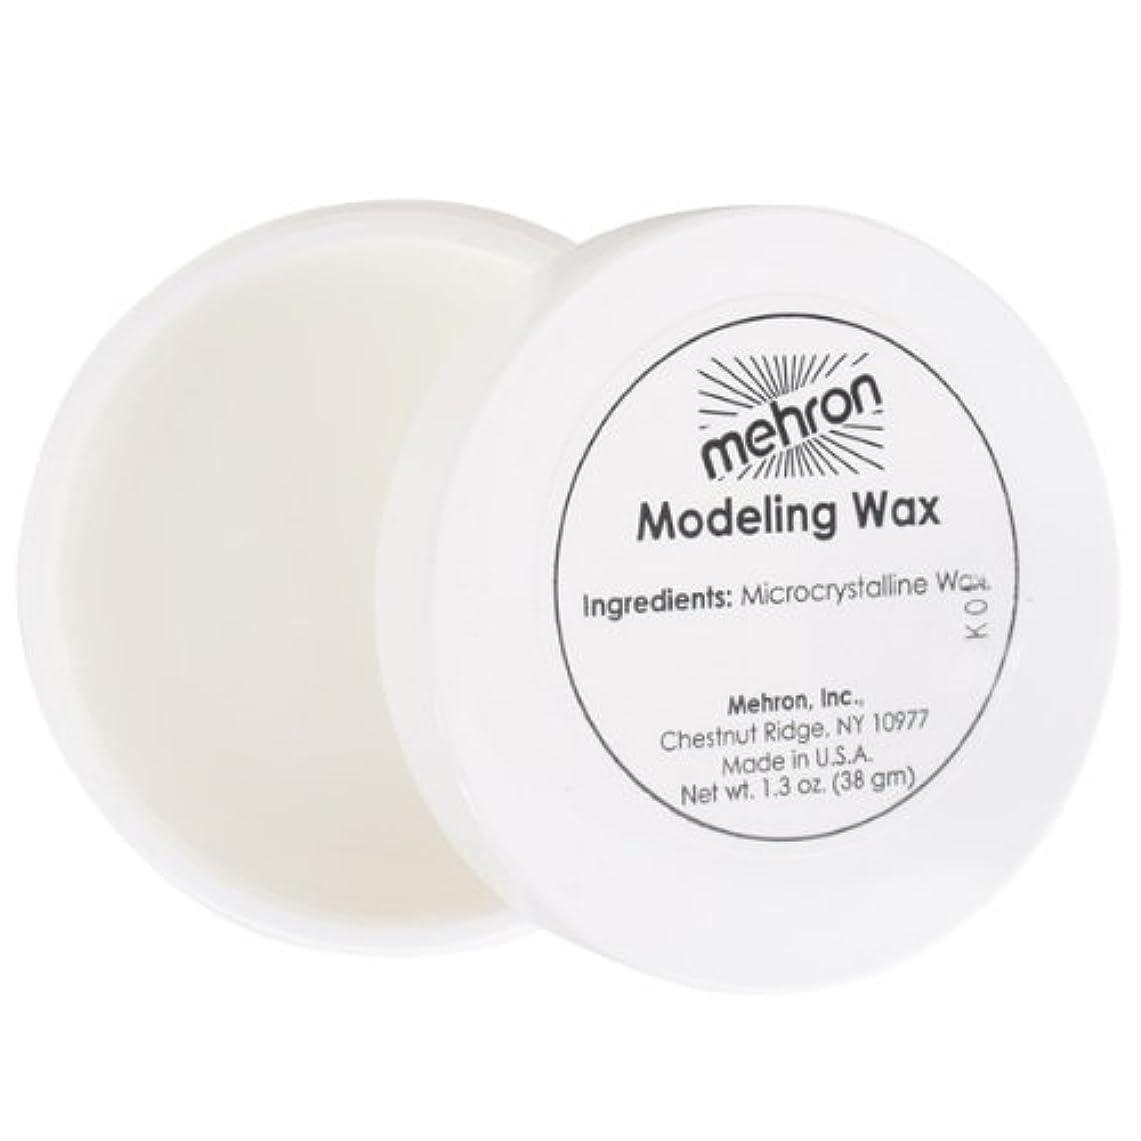 クレタ所持行進mehron Modeling Wax (並行輸入品)